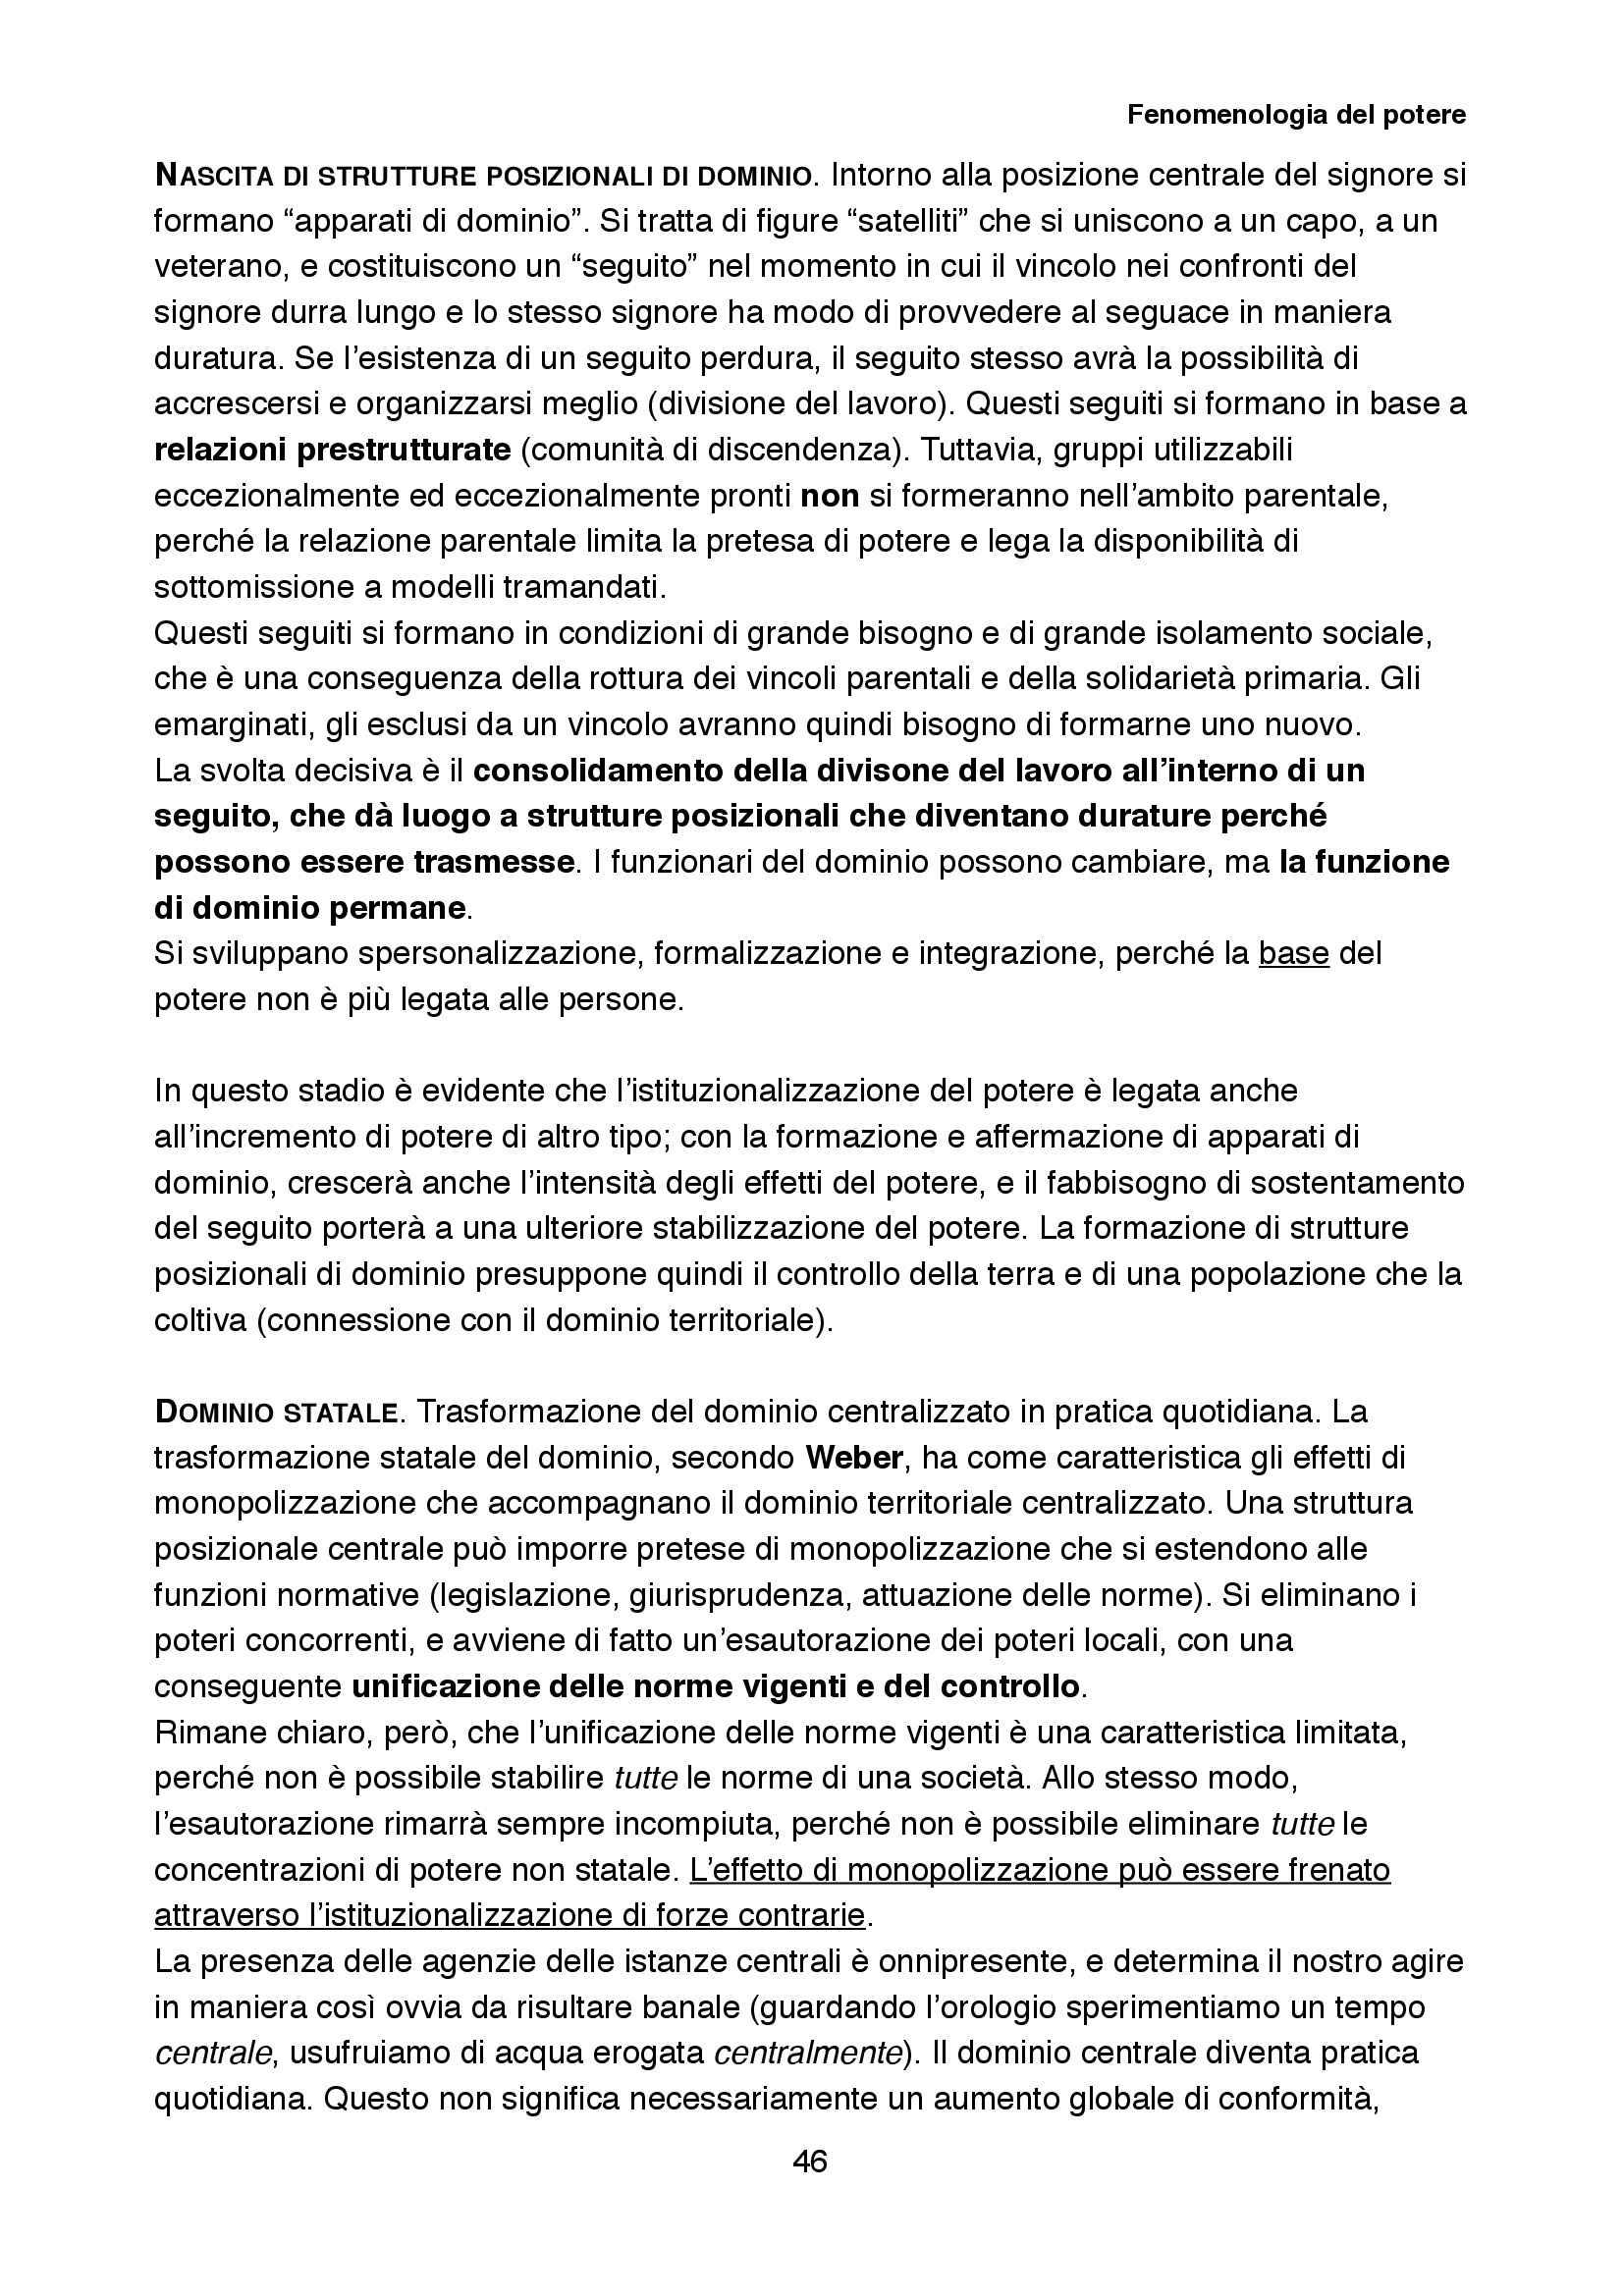 Riassunto esame Sociologia della cultura, prof. Biuso, libro consigliato Fenomenologia del potere, Popitz Pag. 46